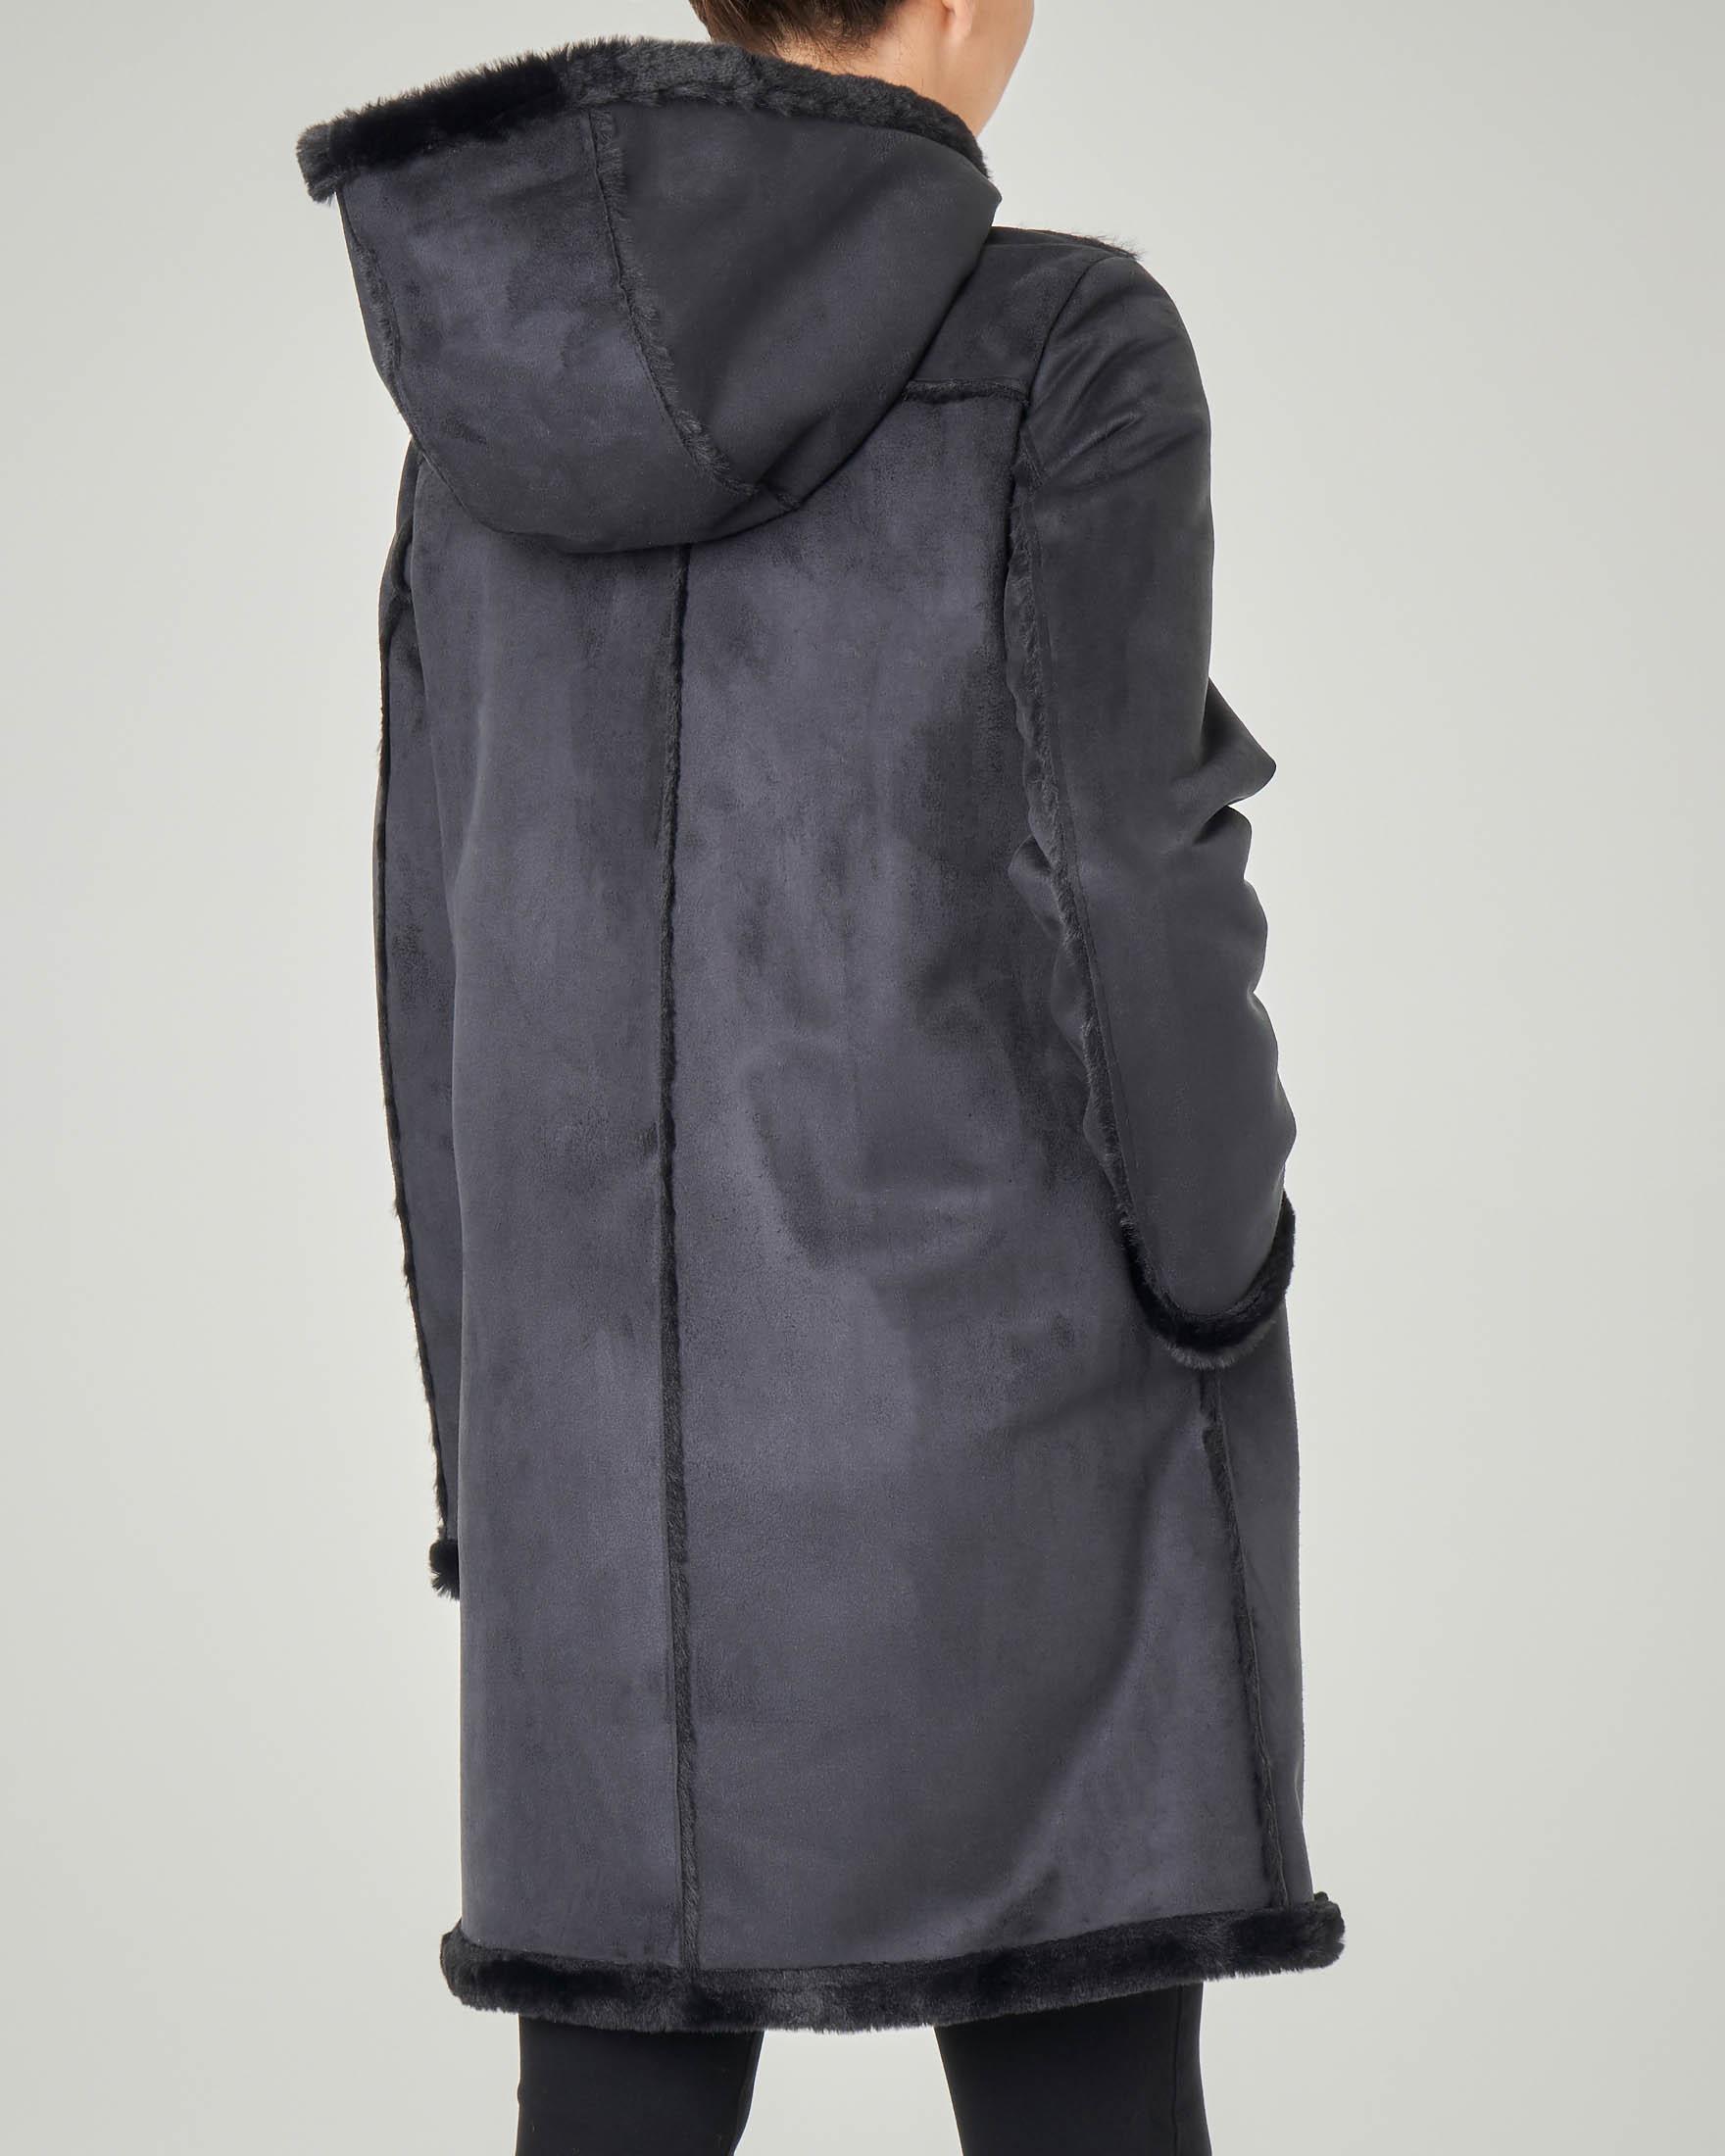 cappotto donna eco montone con cappuccio